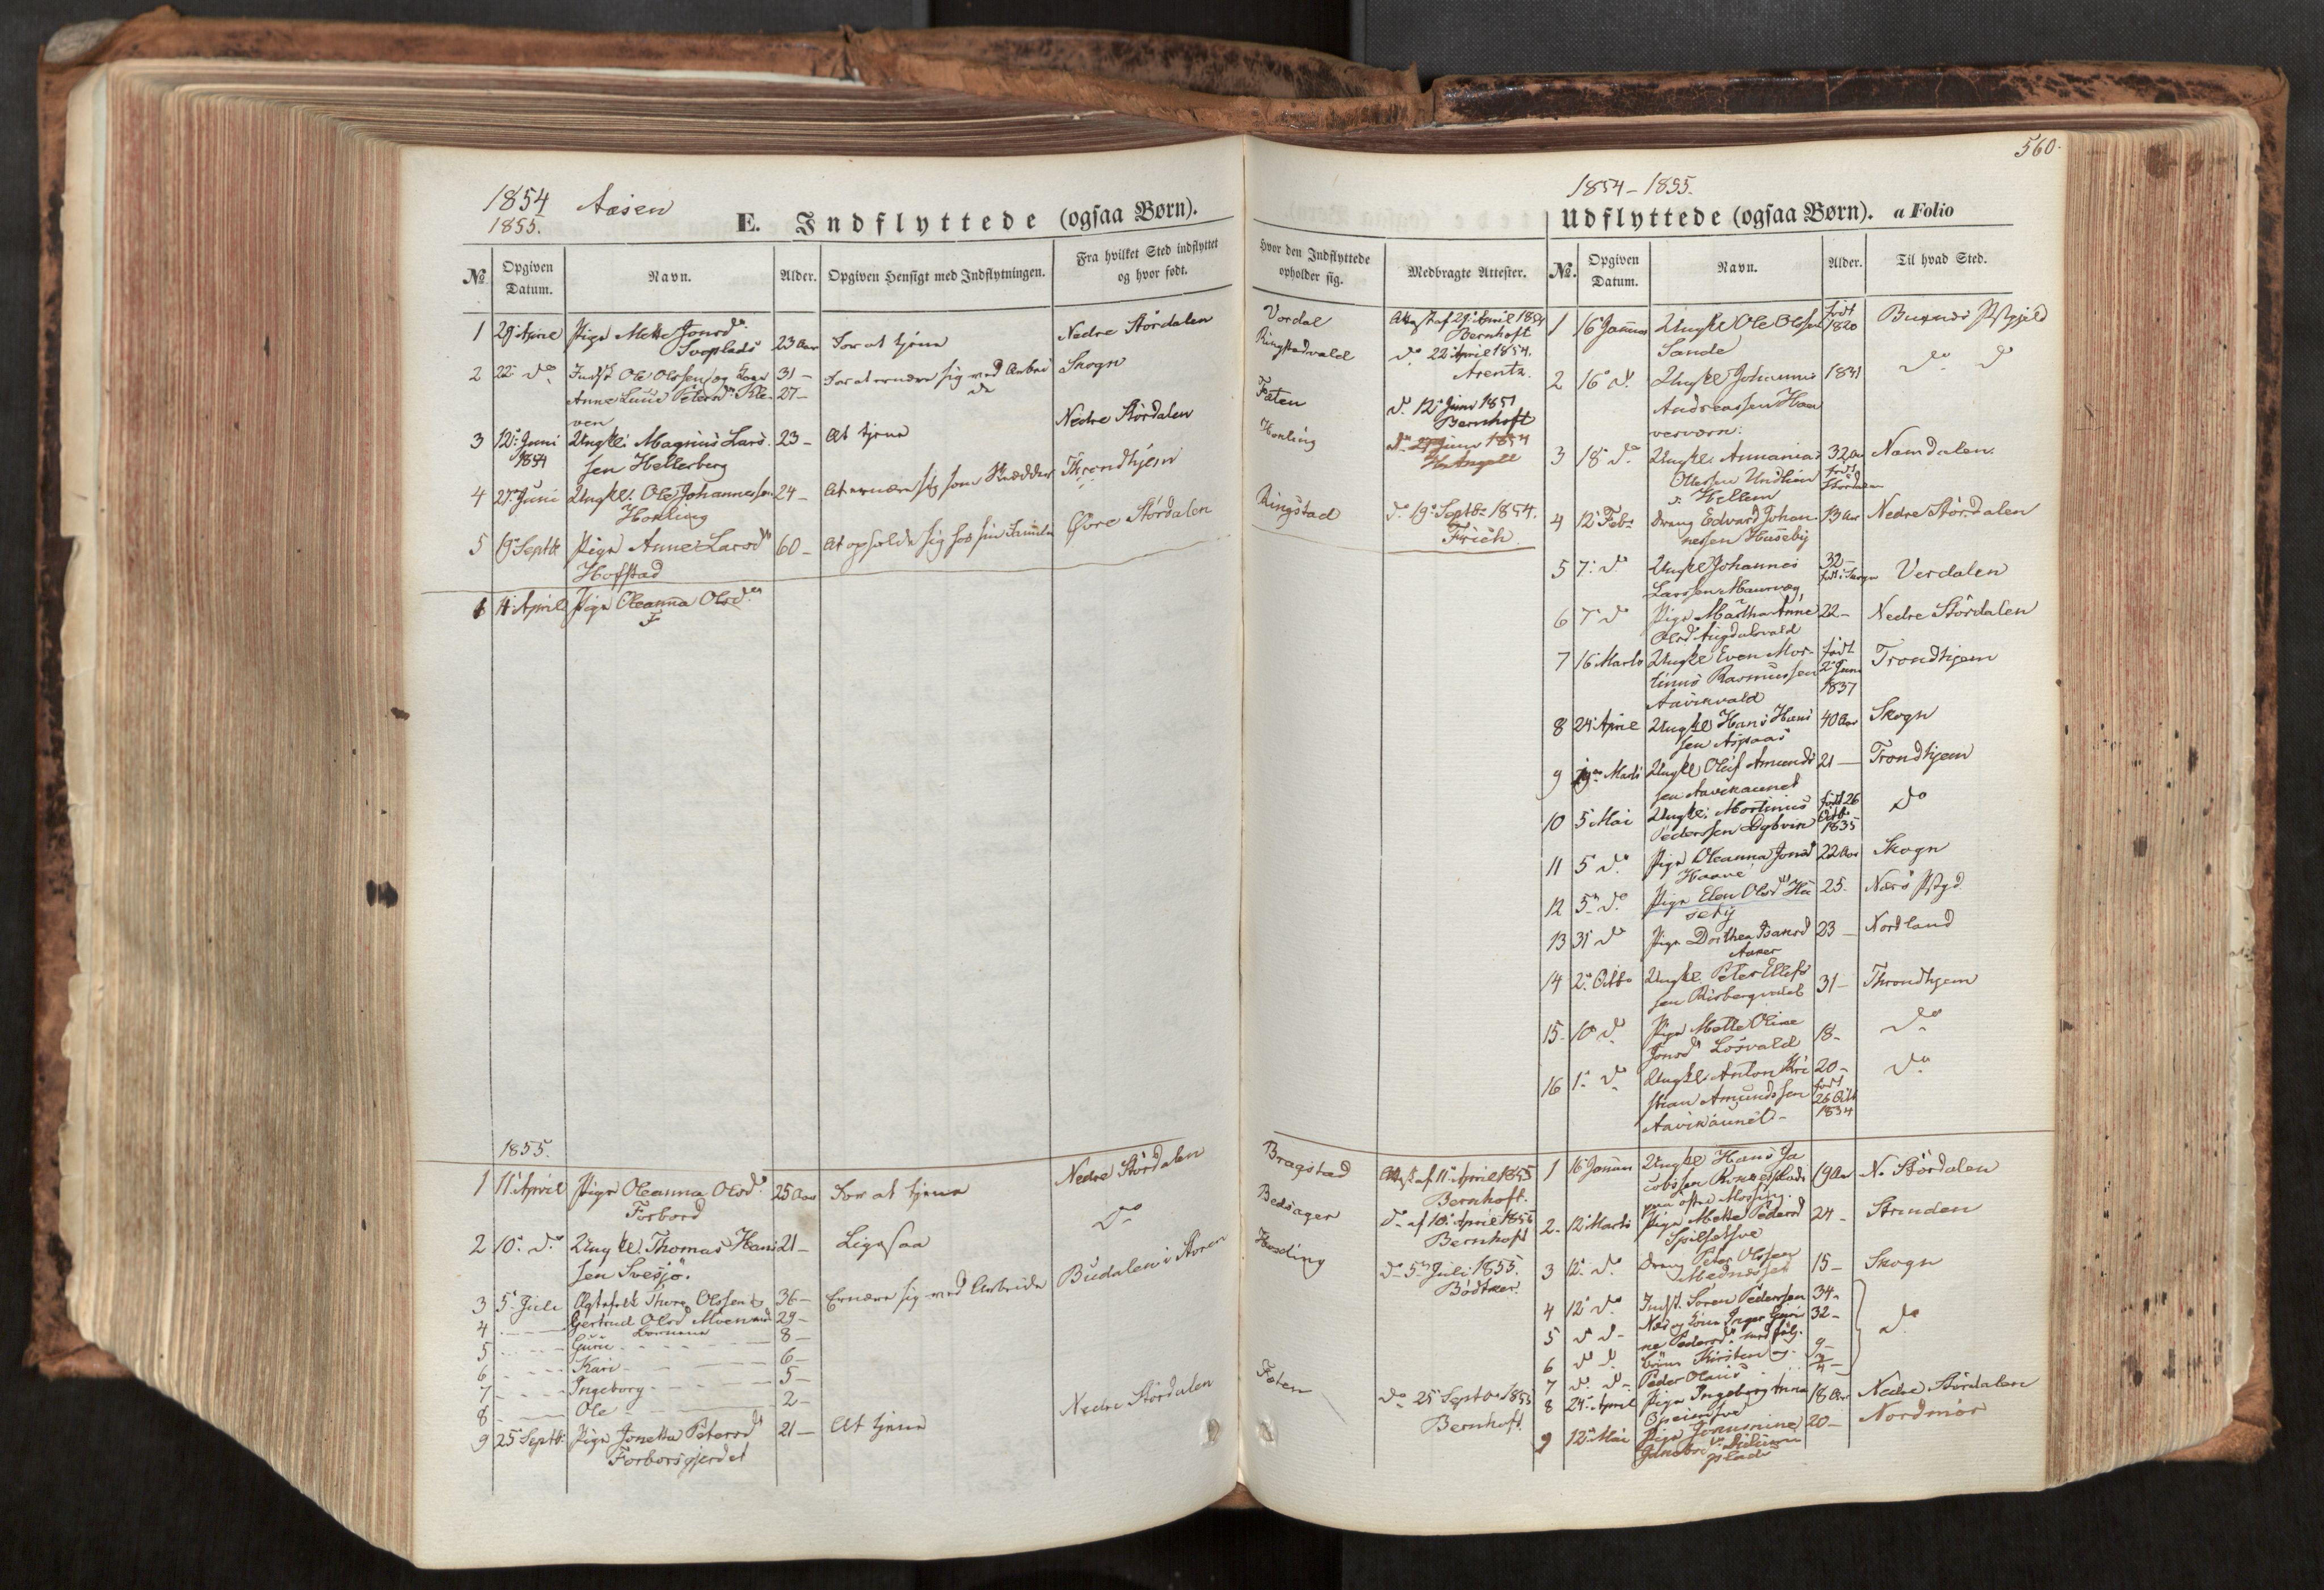 SAT, Ministerialprotokoller, klokkerbøker og fødselsregistre - Nord-Trøndelag, 713/L0116: Ministerialbok nr. 713A07, 1850-1877, s. 560